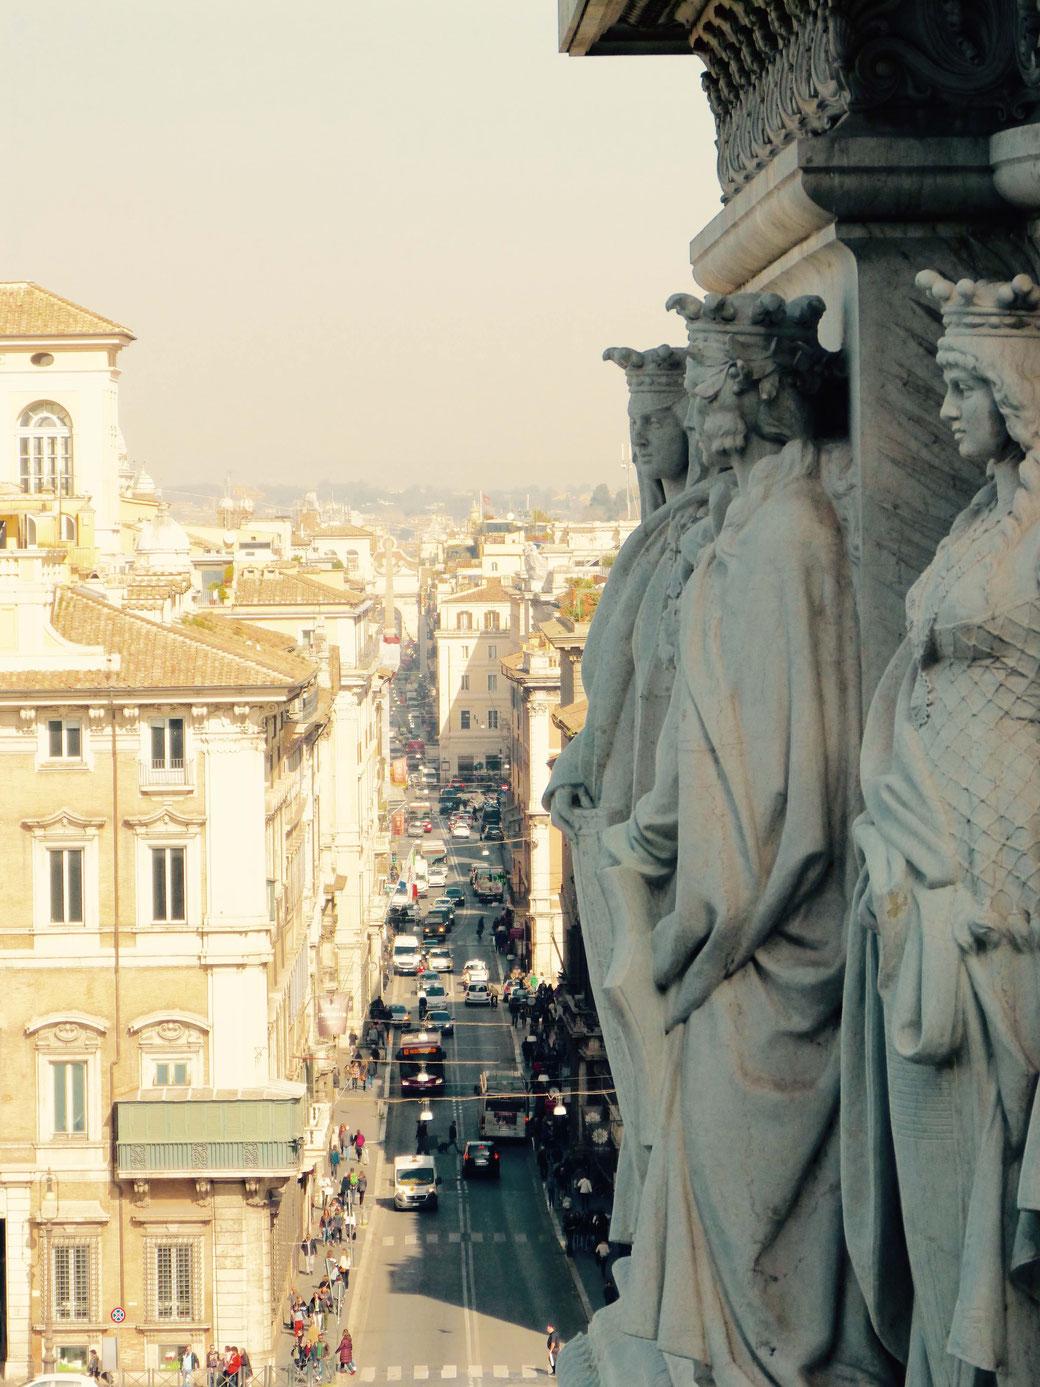 Am Ende der schnurgeraden Einkaufsmeile Via del Corso reckt sich ein Obelisk auf der Piazza del Popolo in die Höhe.